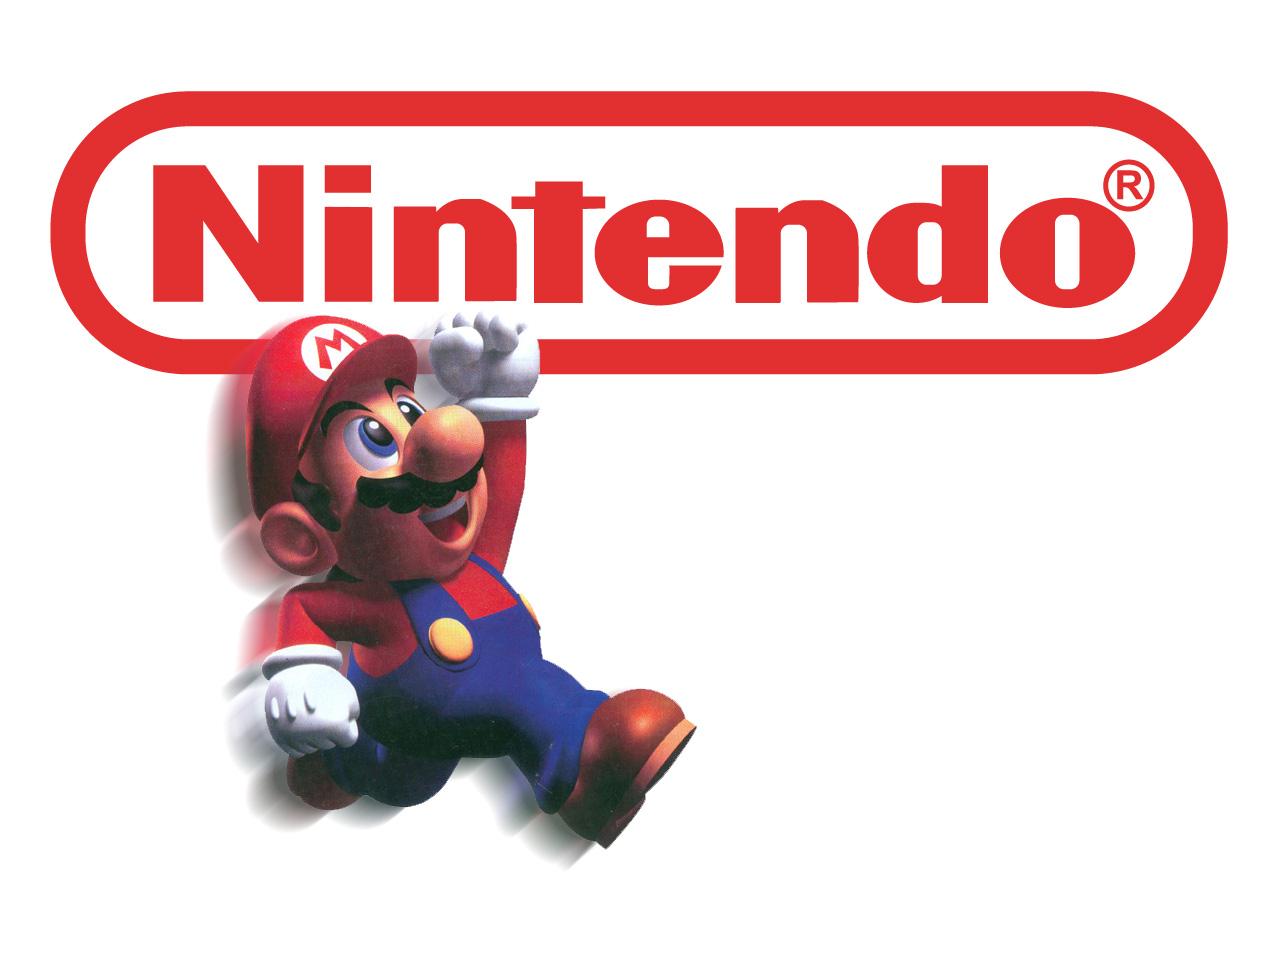 La crisis sigue golpeando a Nintendo